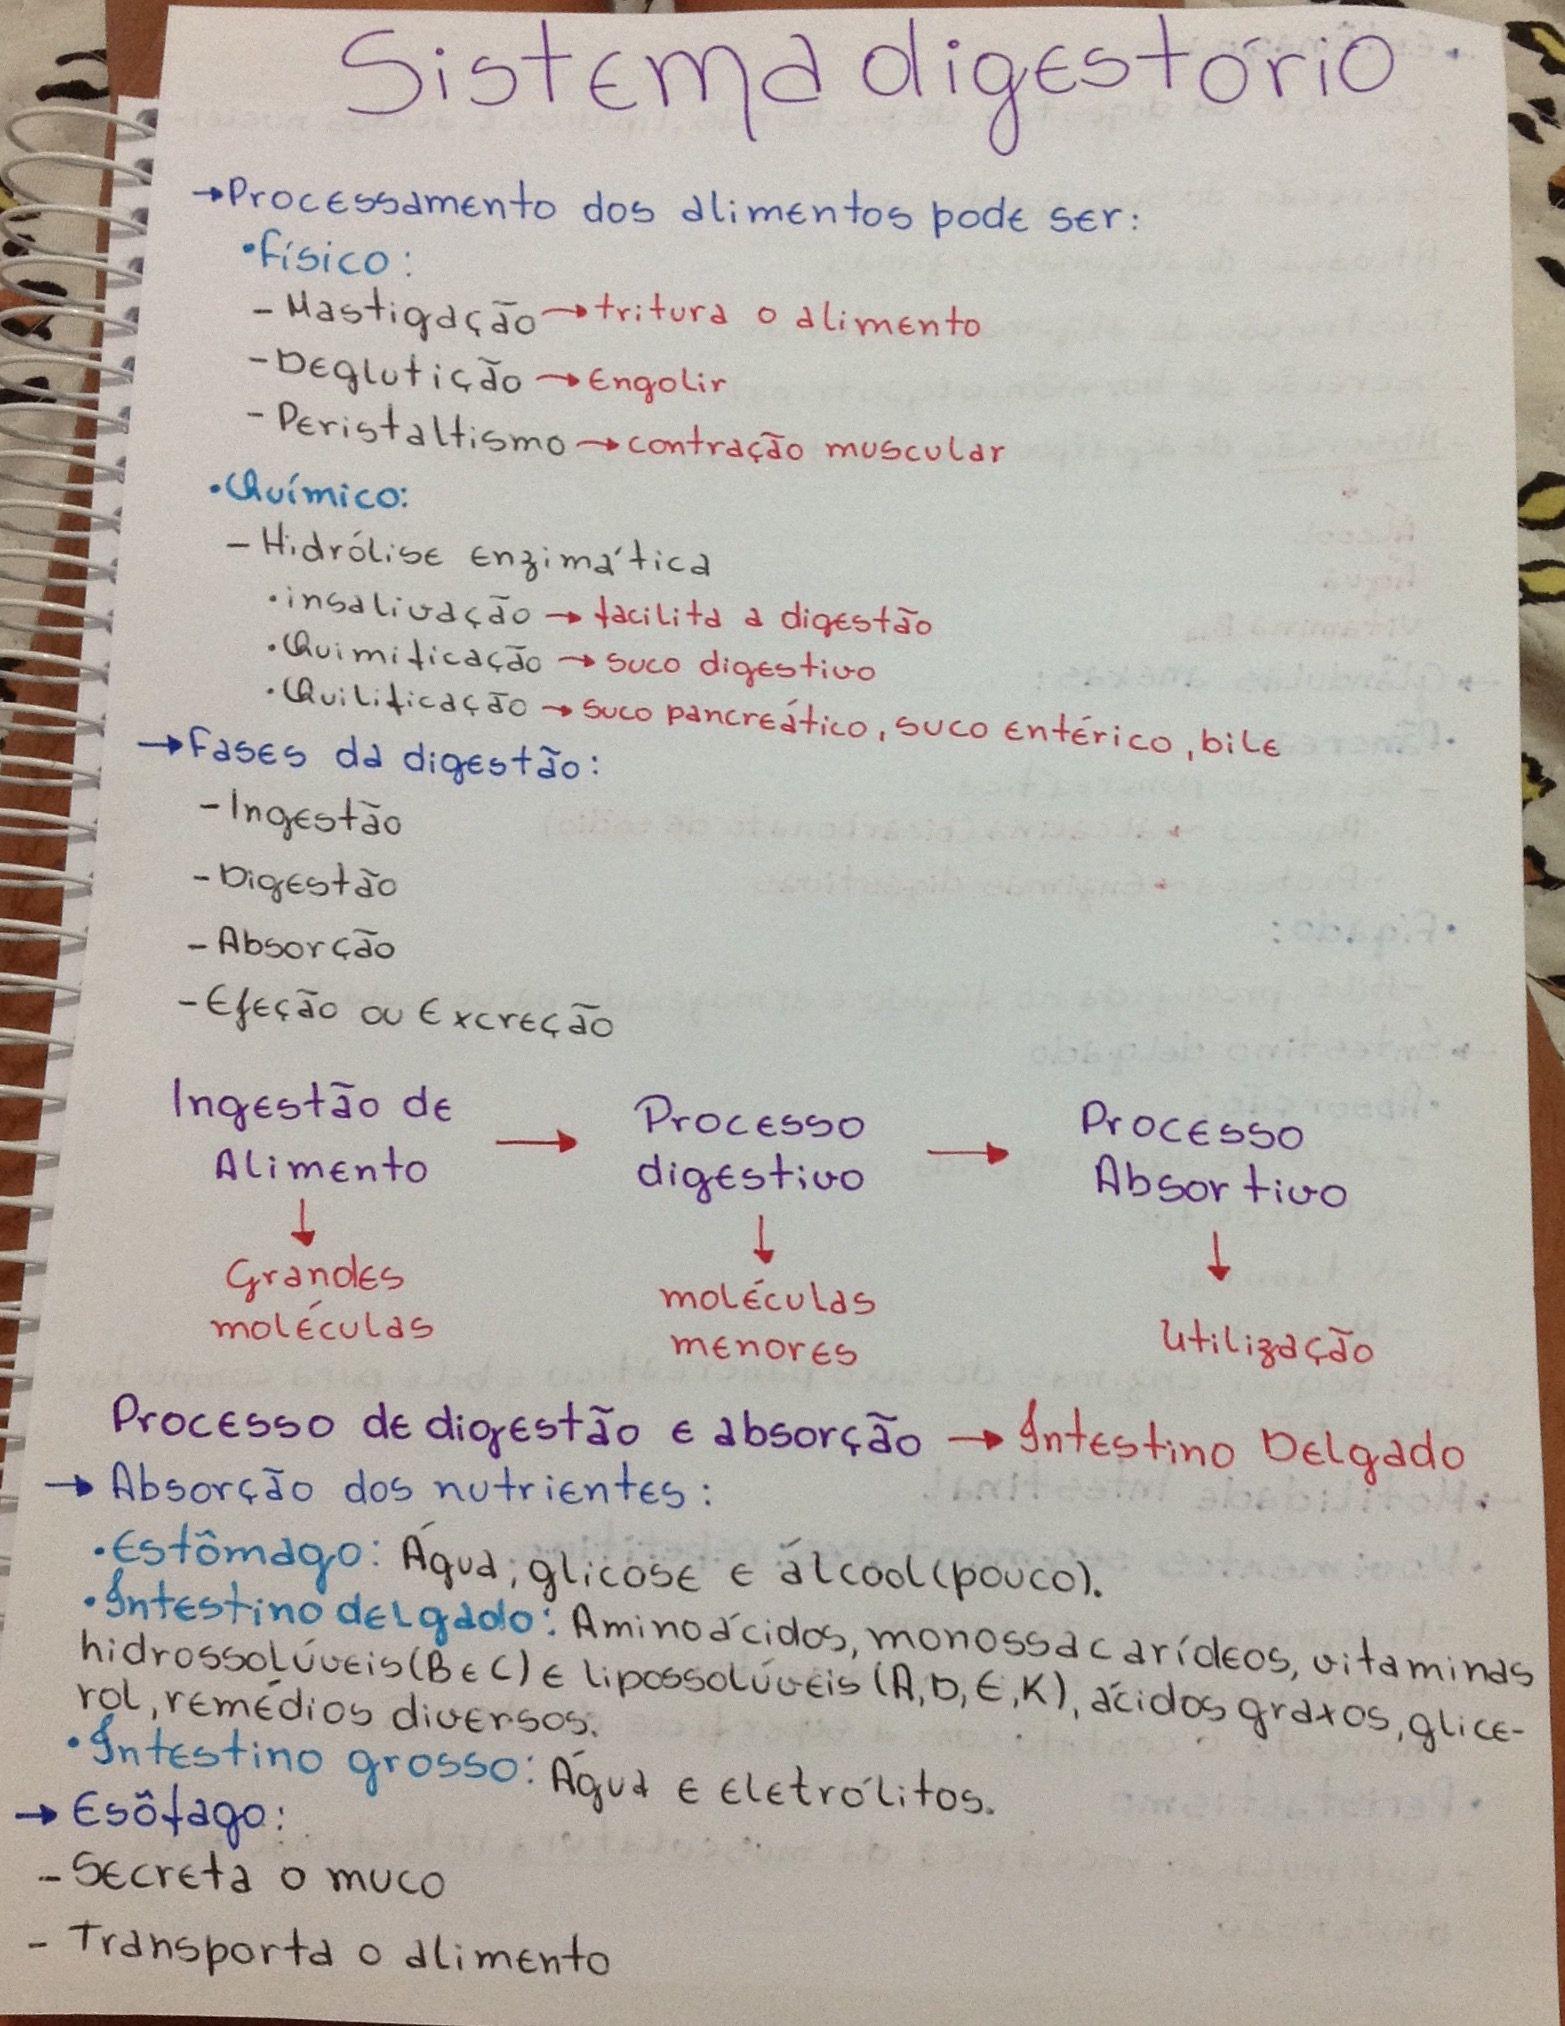 Sistema digestório | Biologia | Pinterest | Biología, Anatomía y ...